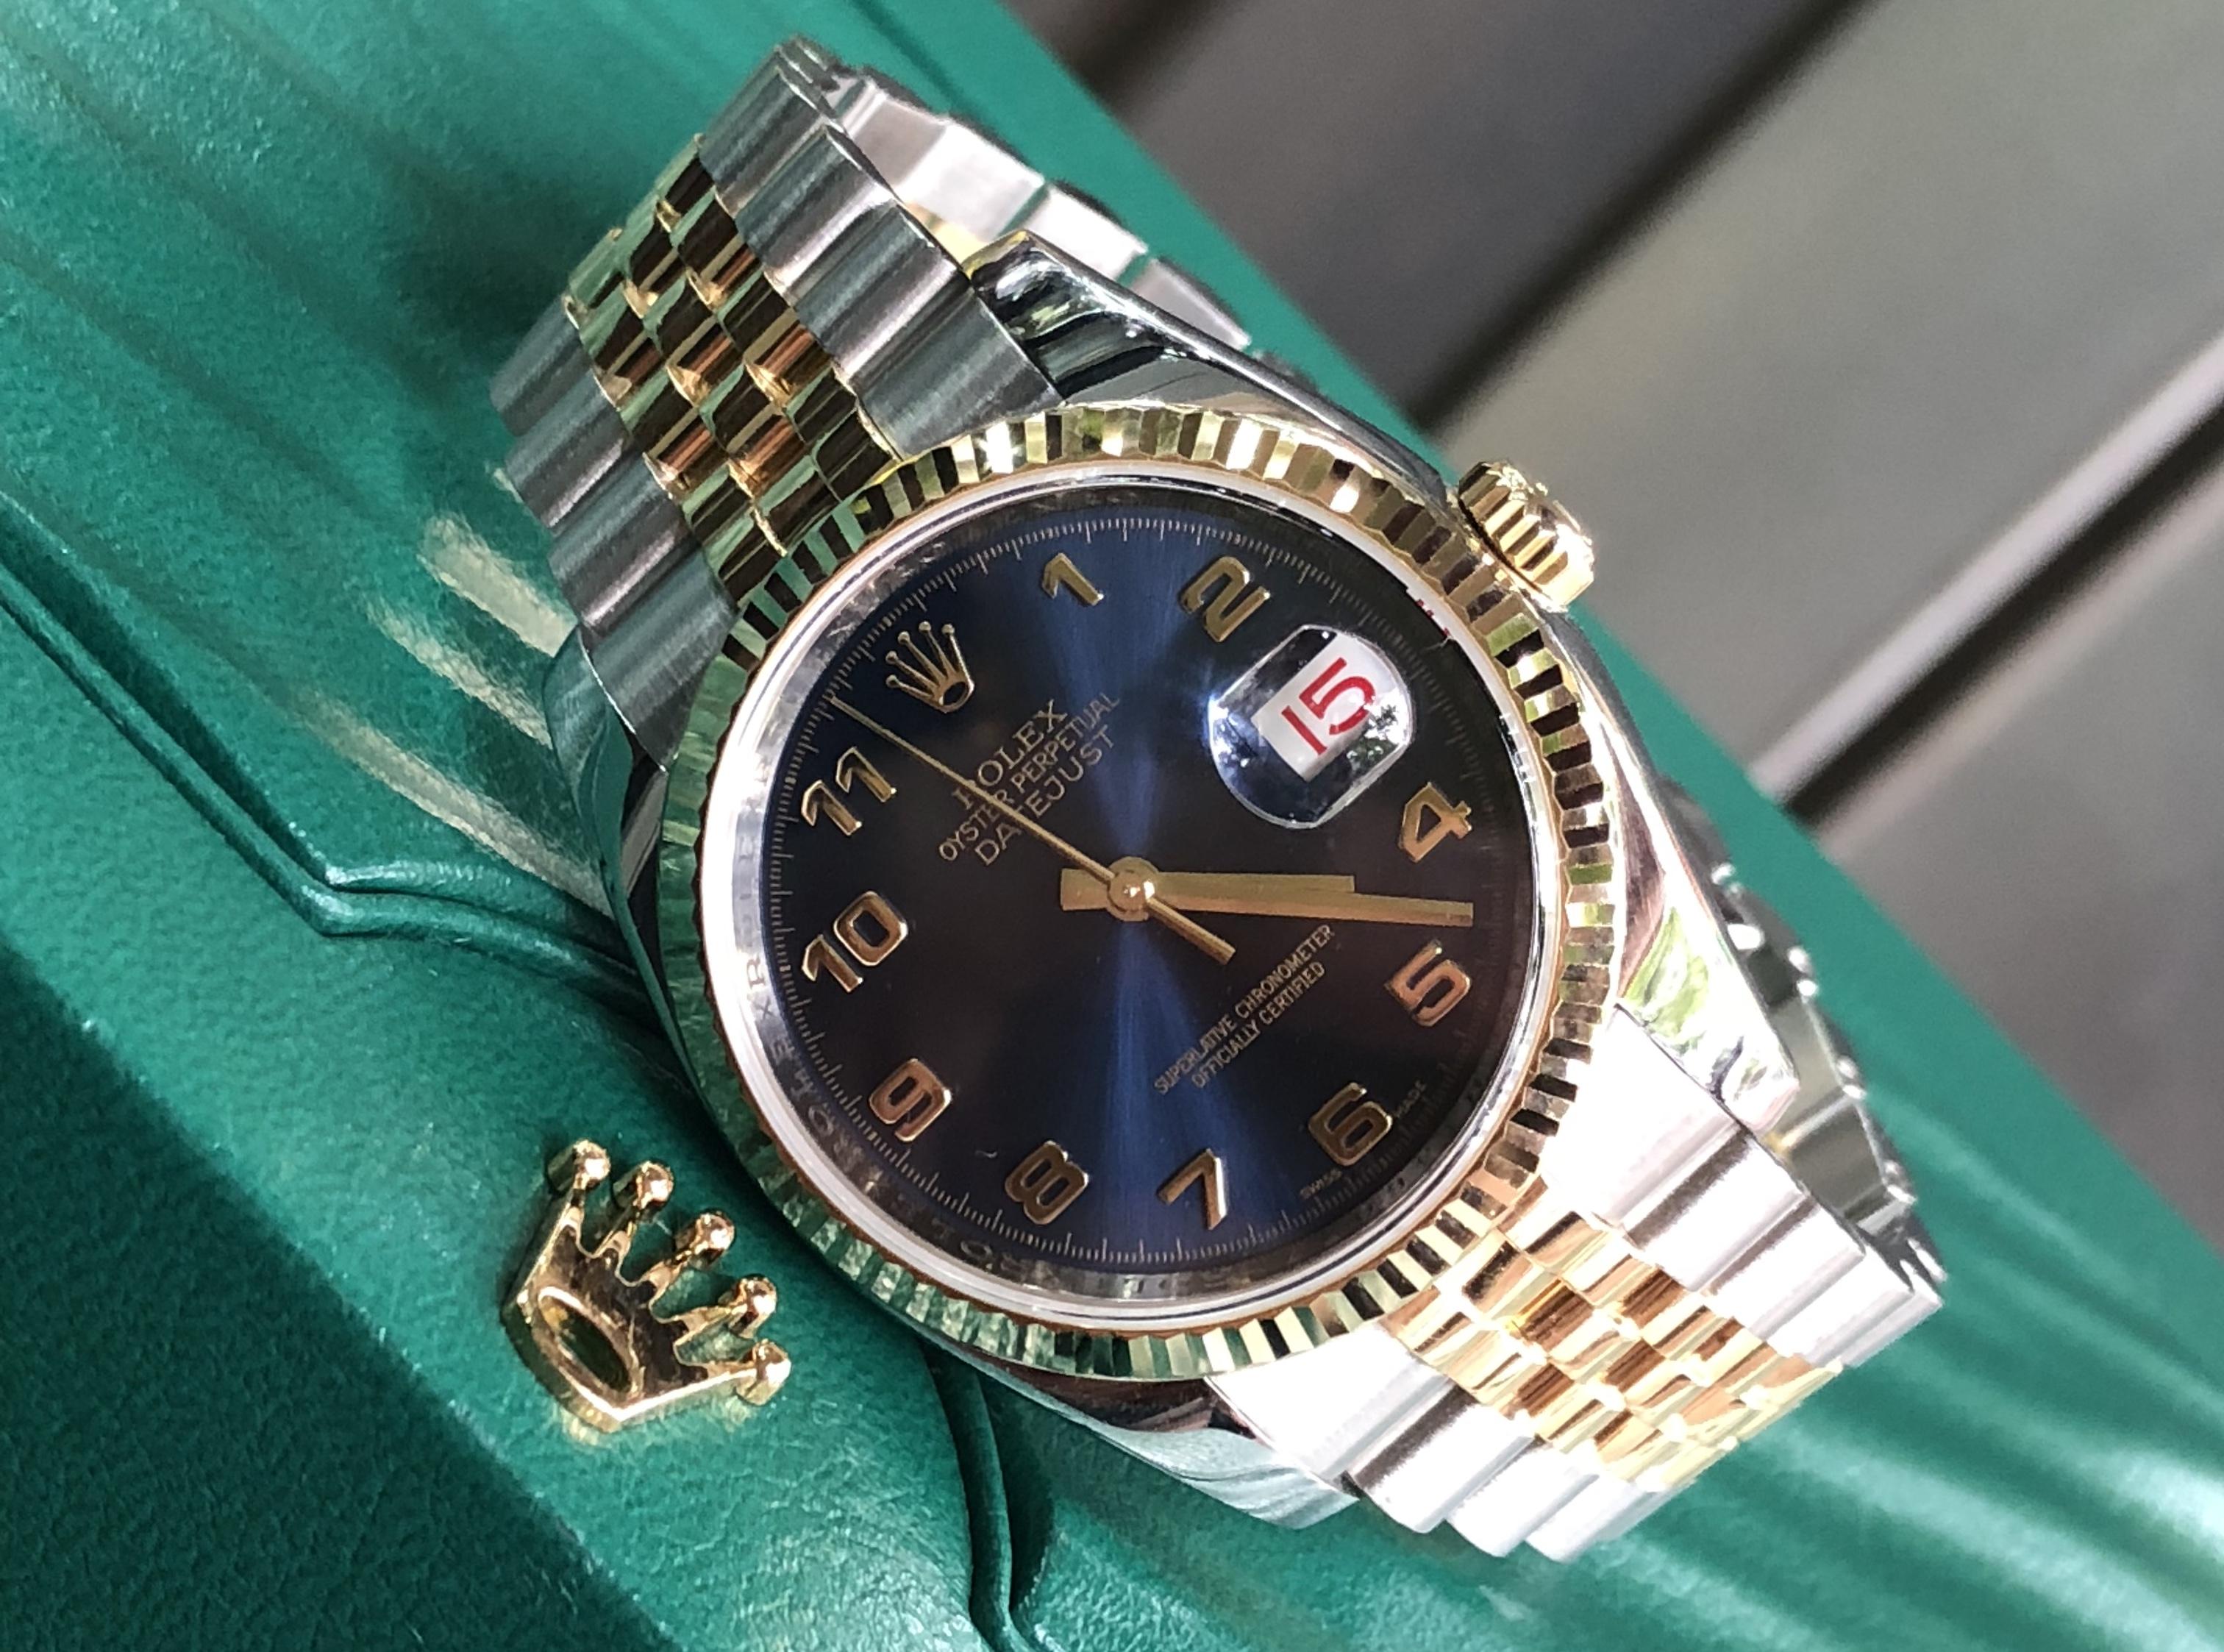 Rolex 116233 mặt xanh NaVy đời 2010 mới đẹp Fullbox